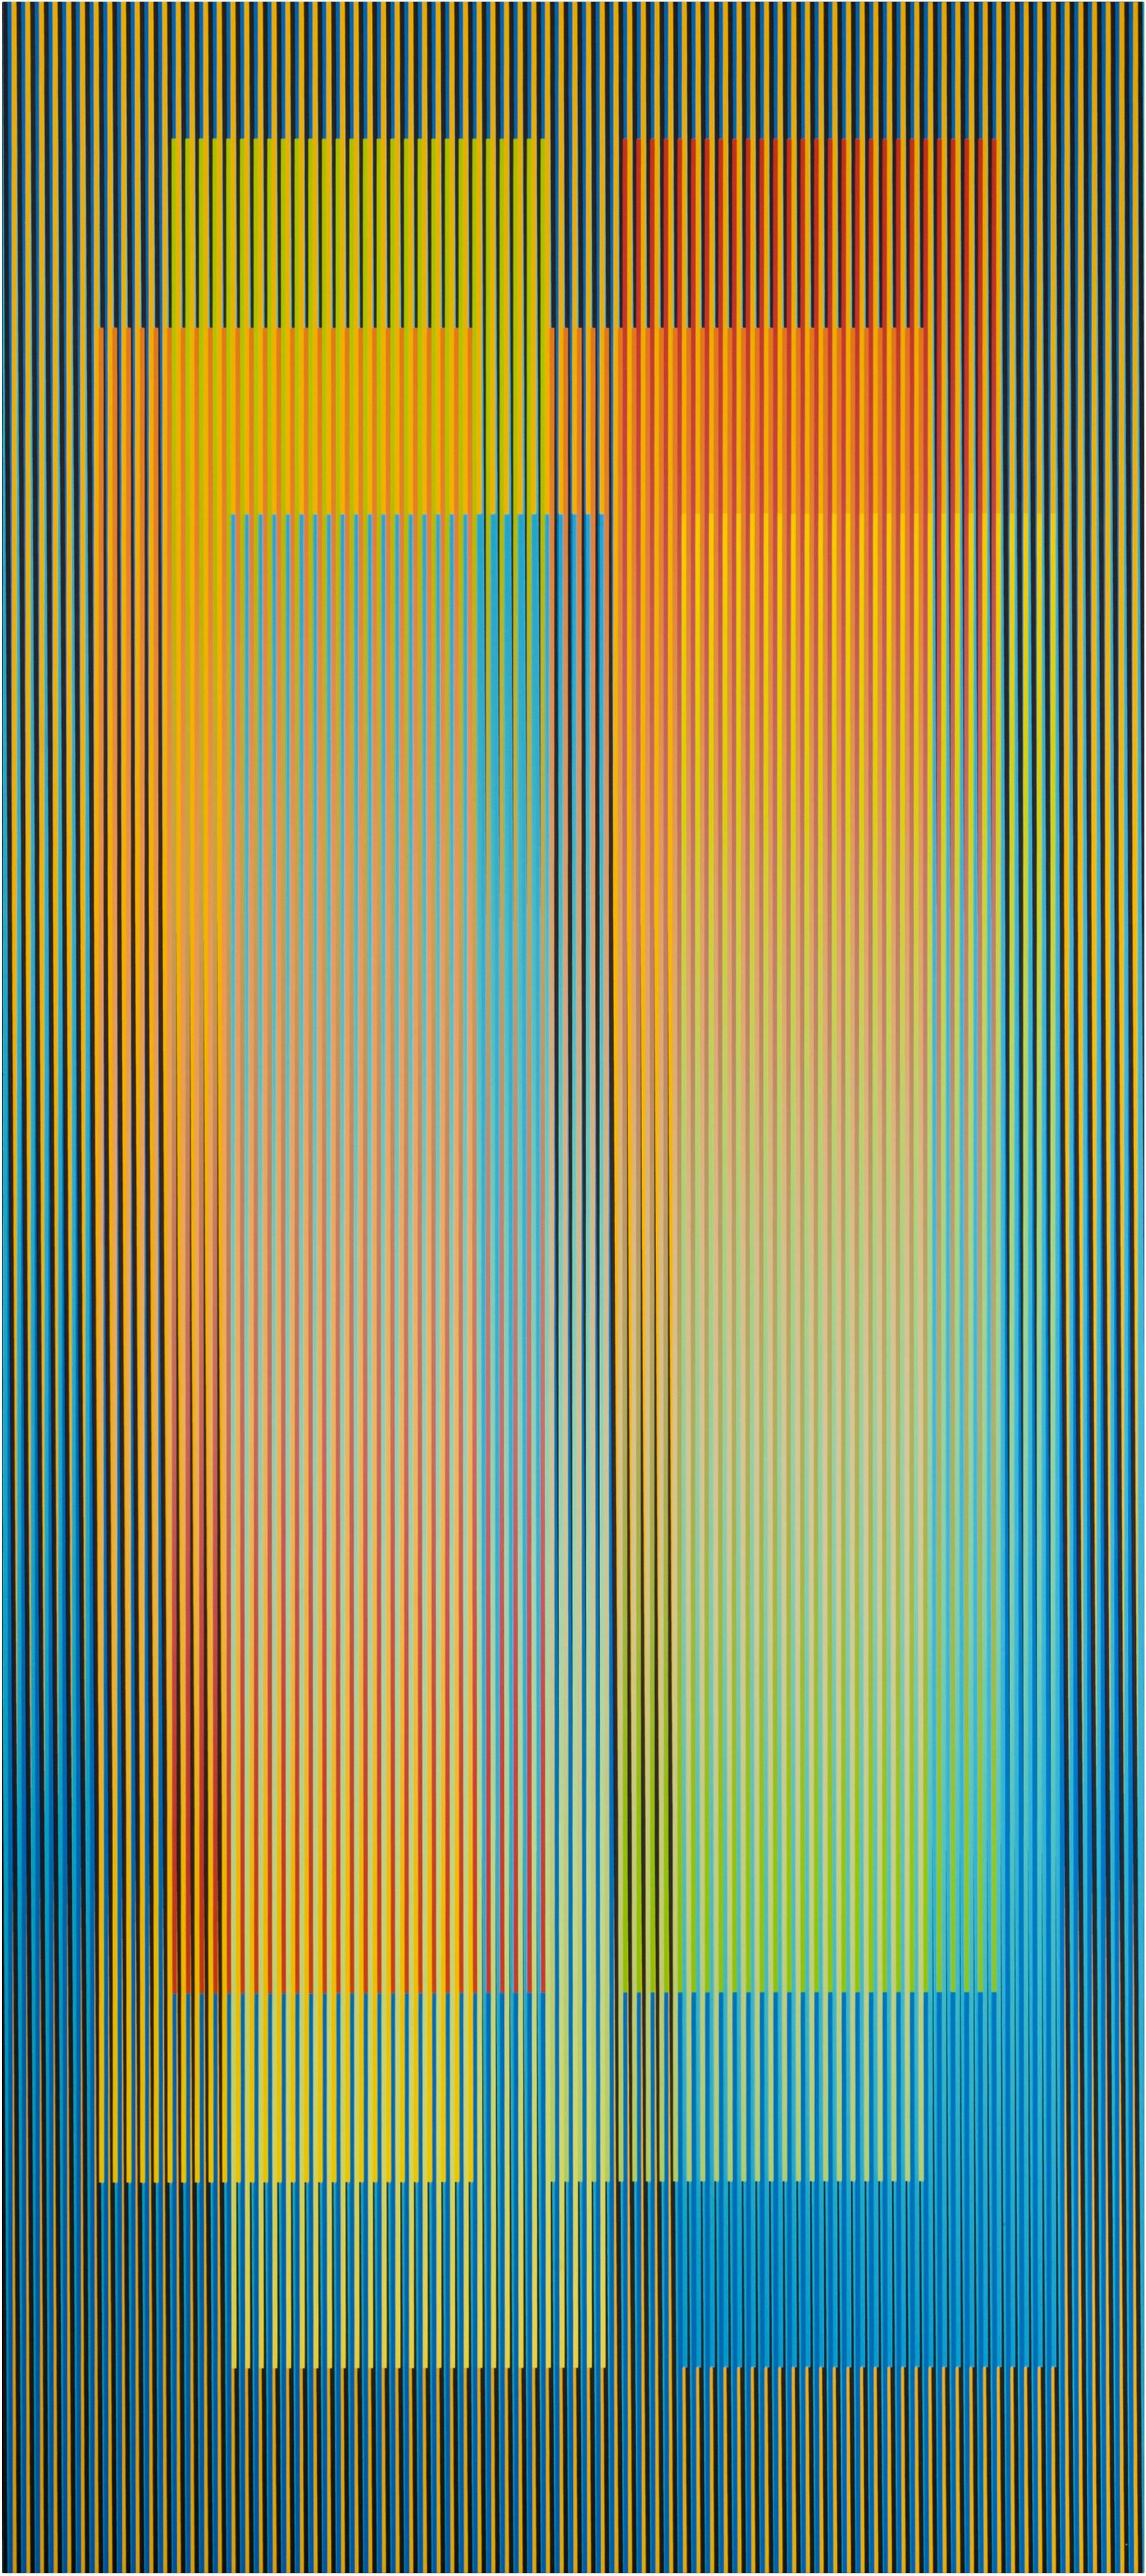 Couleur Aditive Denise C, 80 x 180 cm, Paris 2007